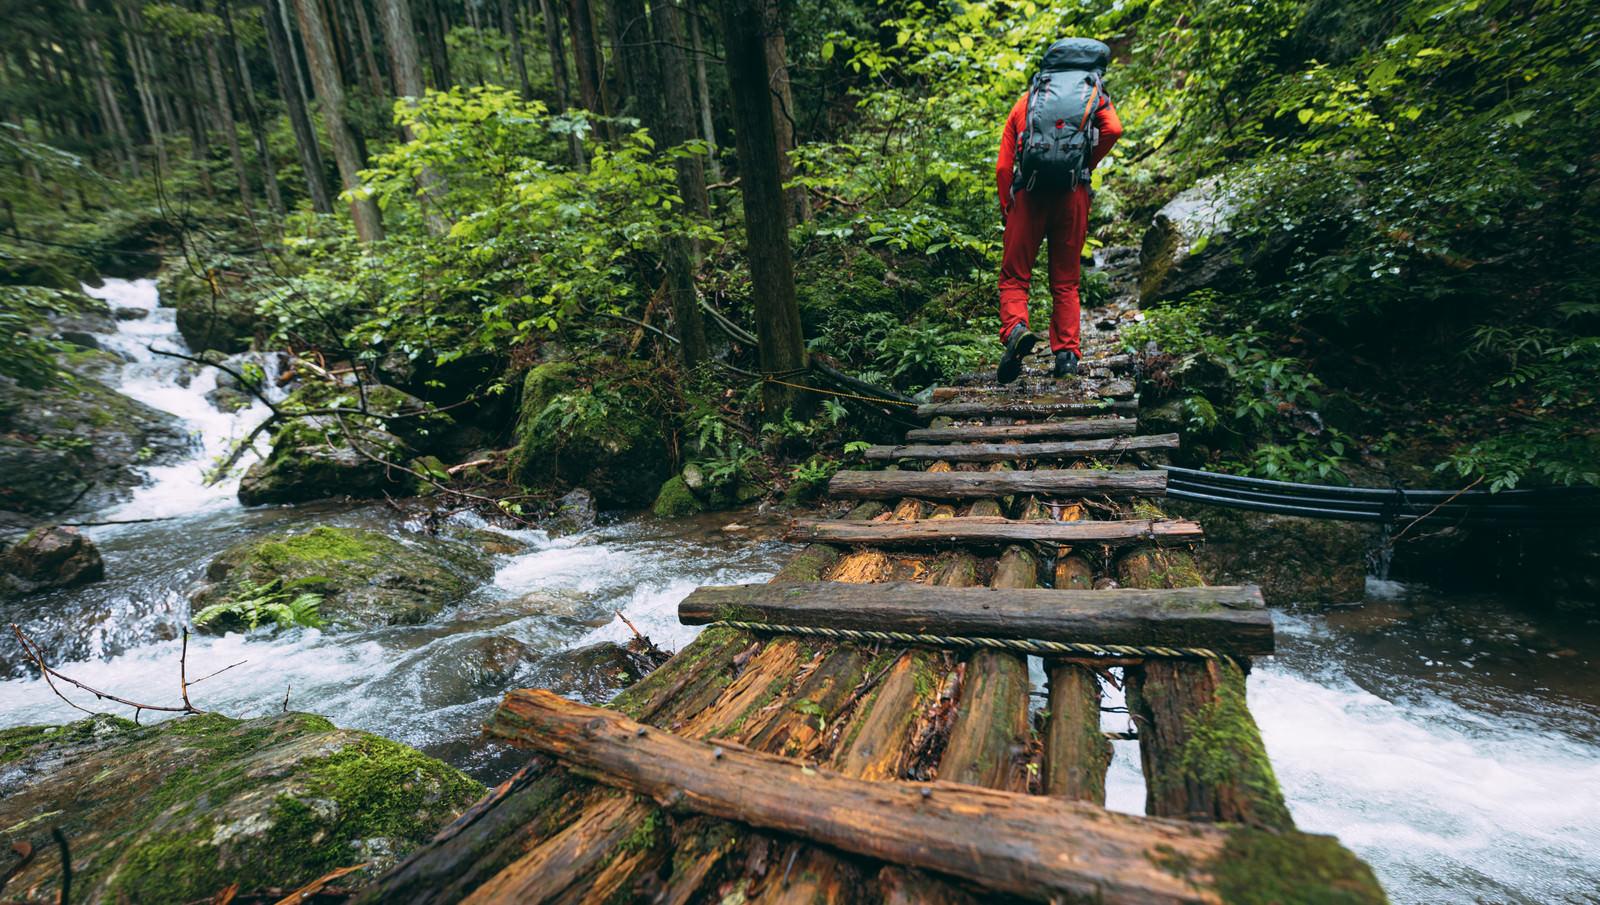 「渓流にかかる木製の橋を渡る登山者」の写真